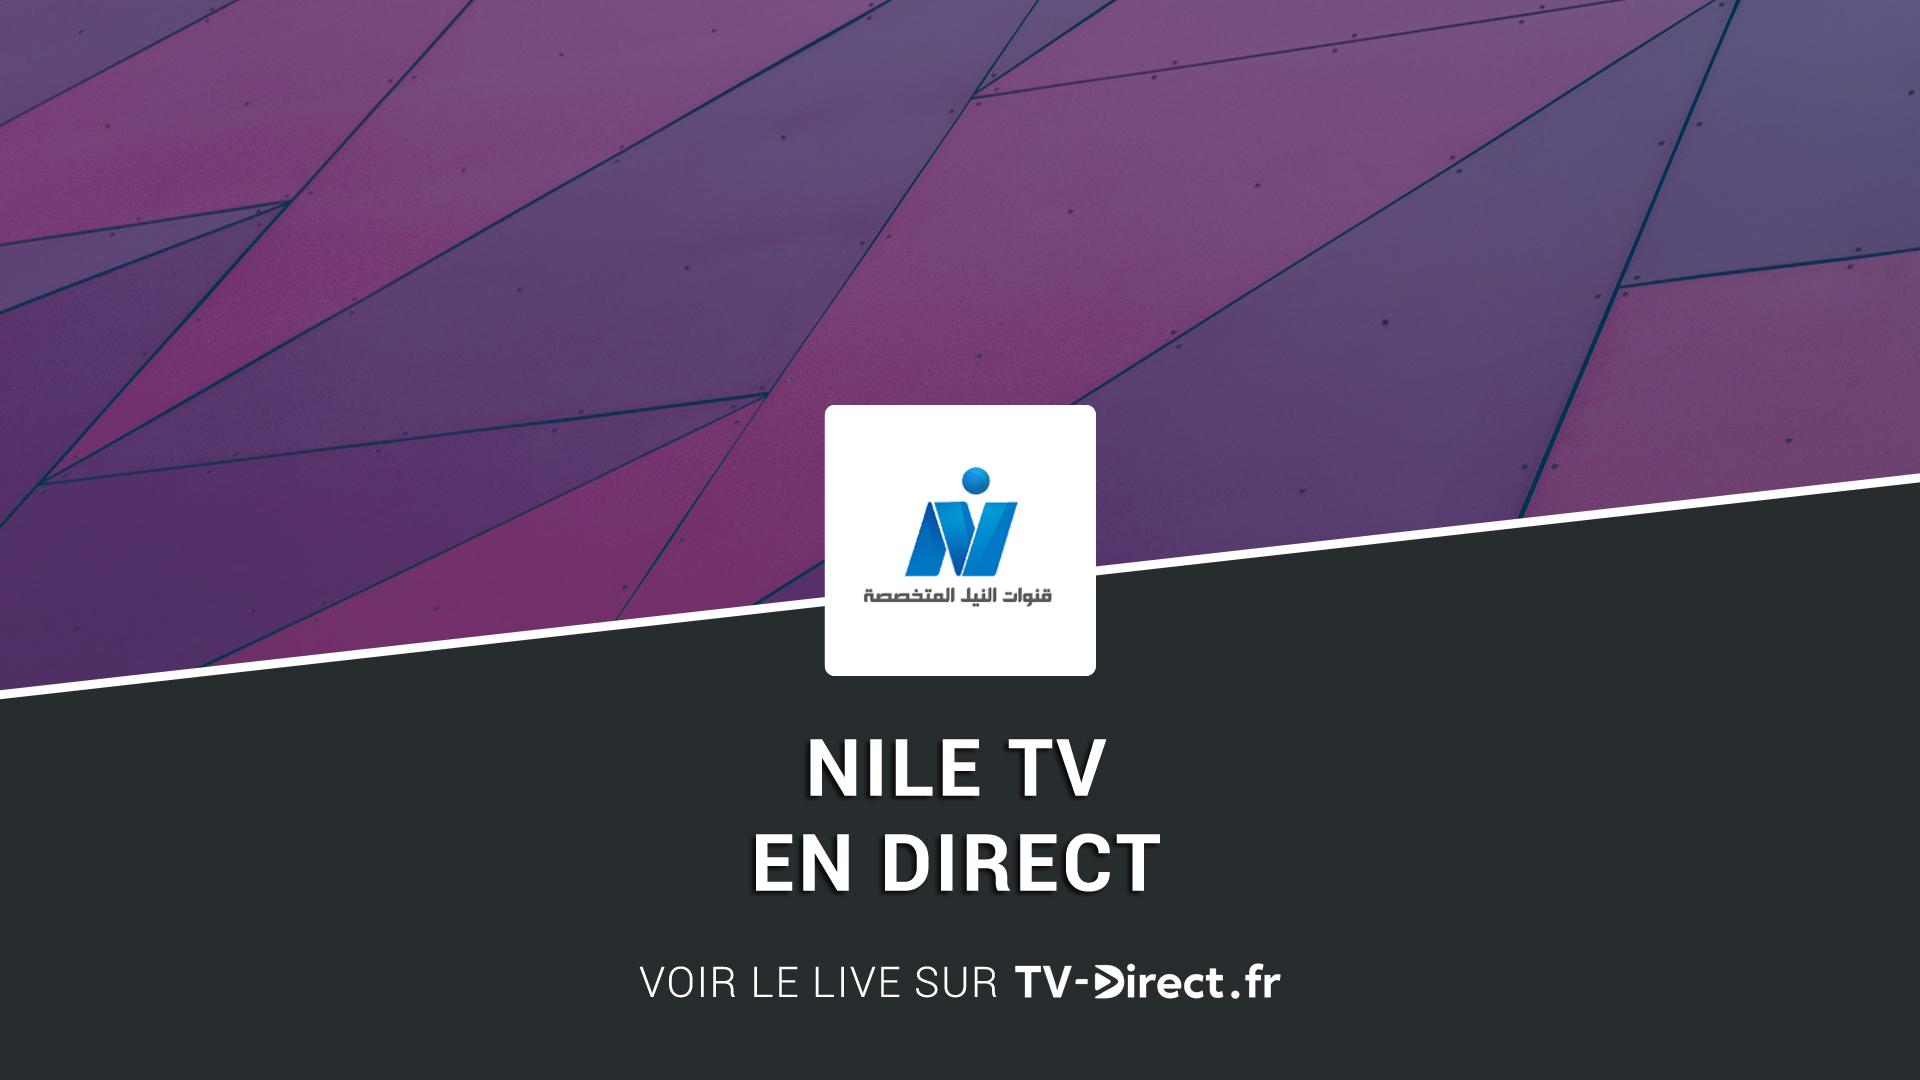 TV GRATUITEMENT NILETCTV TÉLÉCHARGER PC